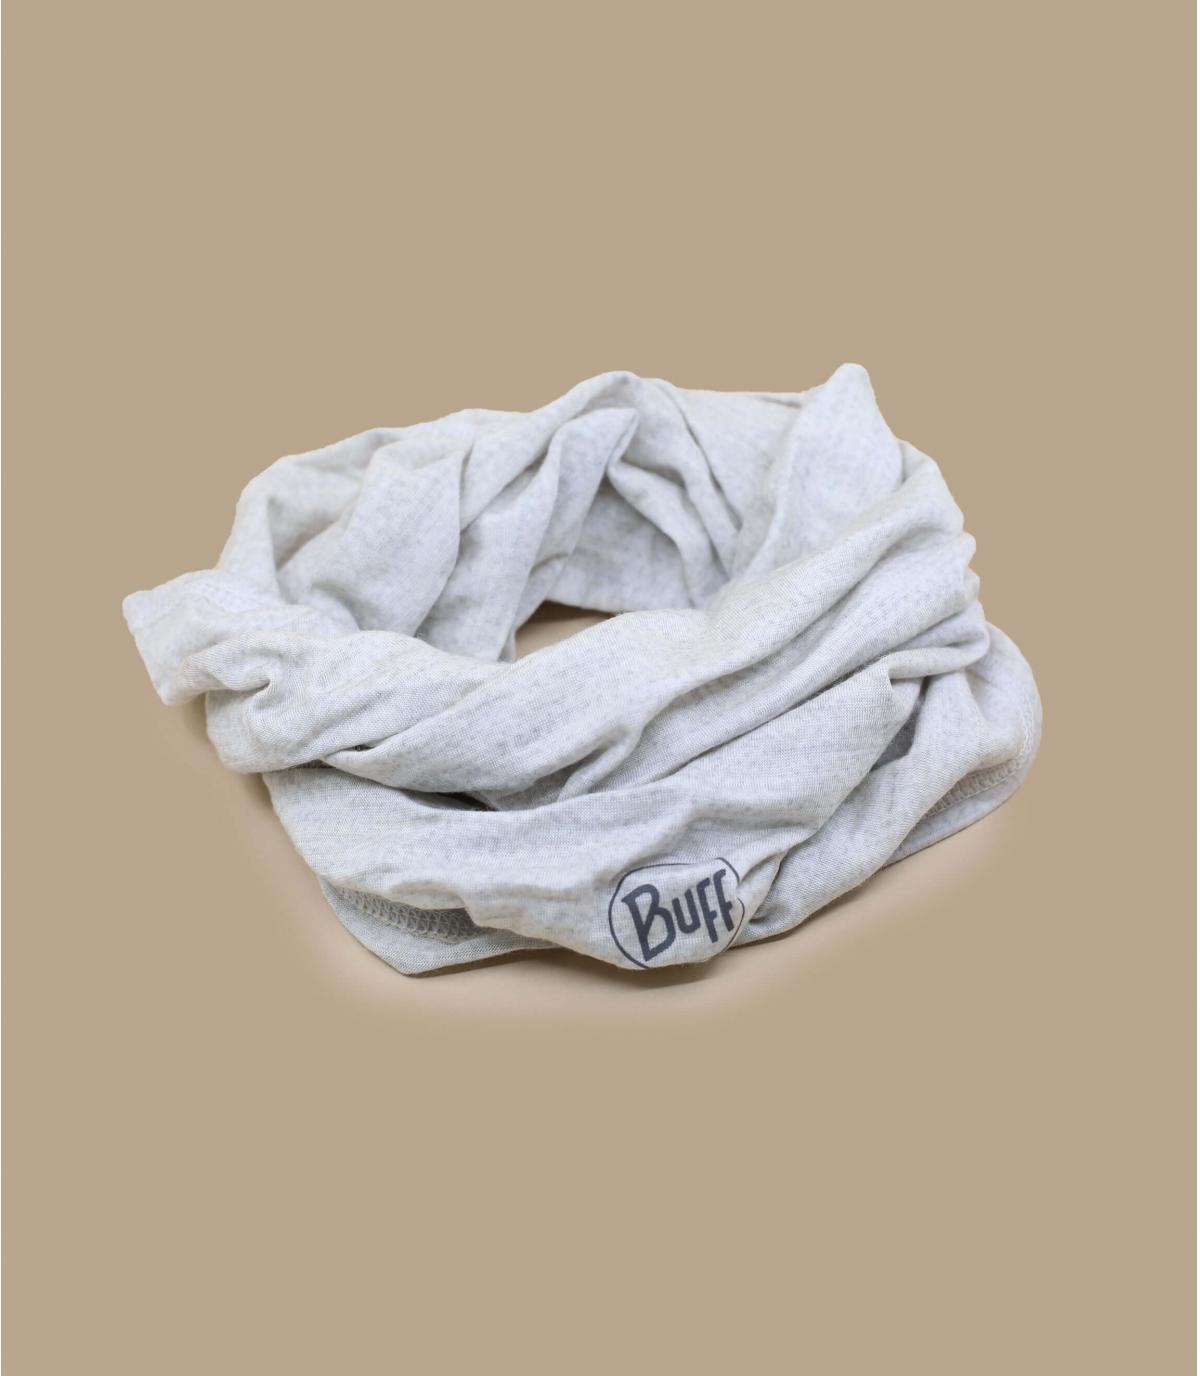 Buff lana merino bianca